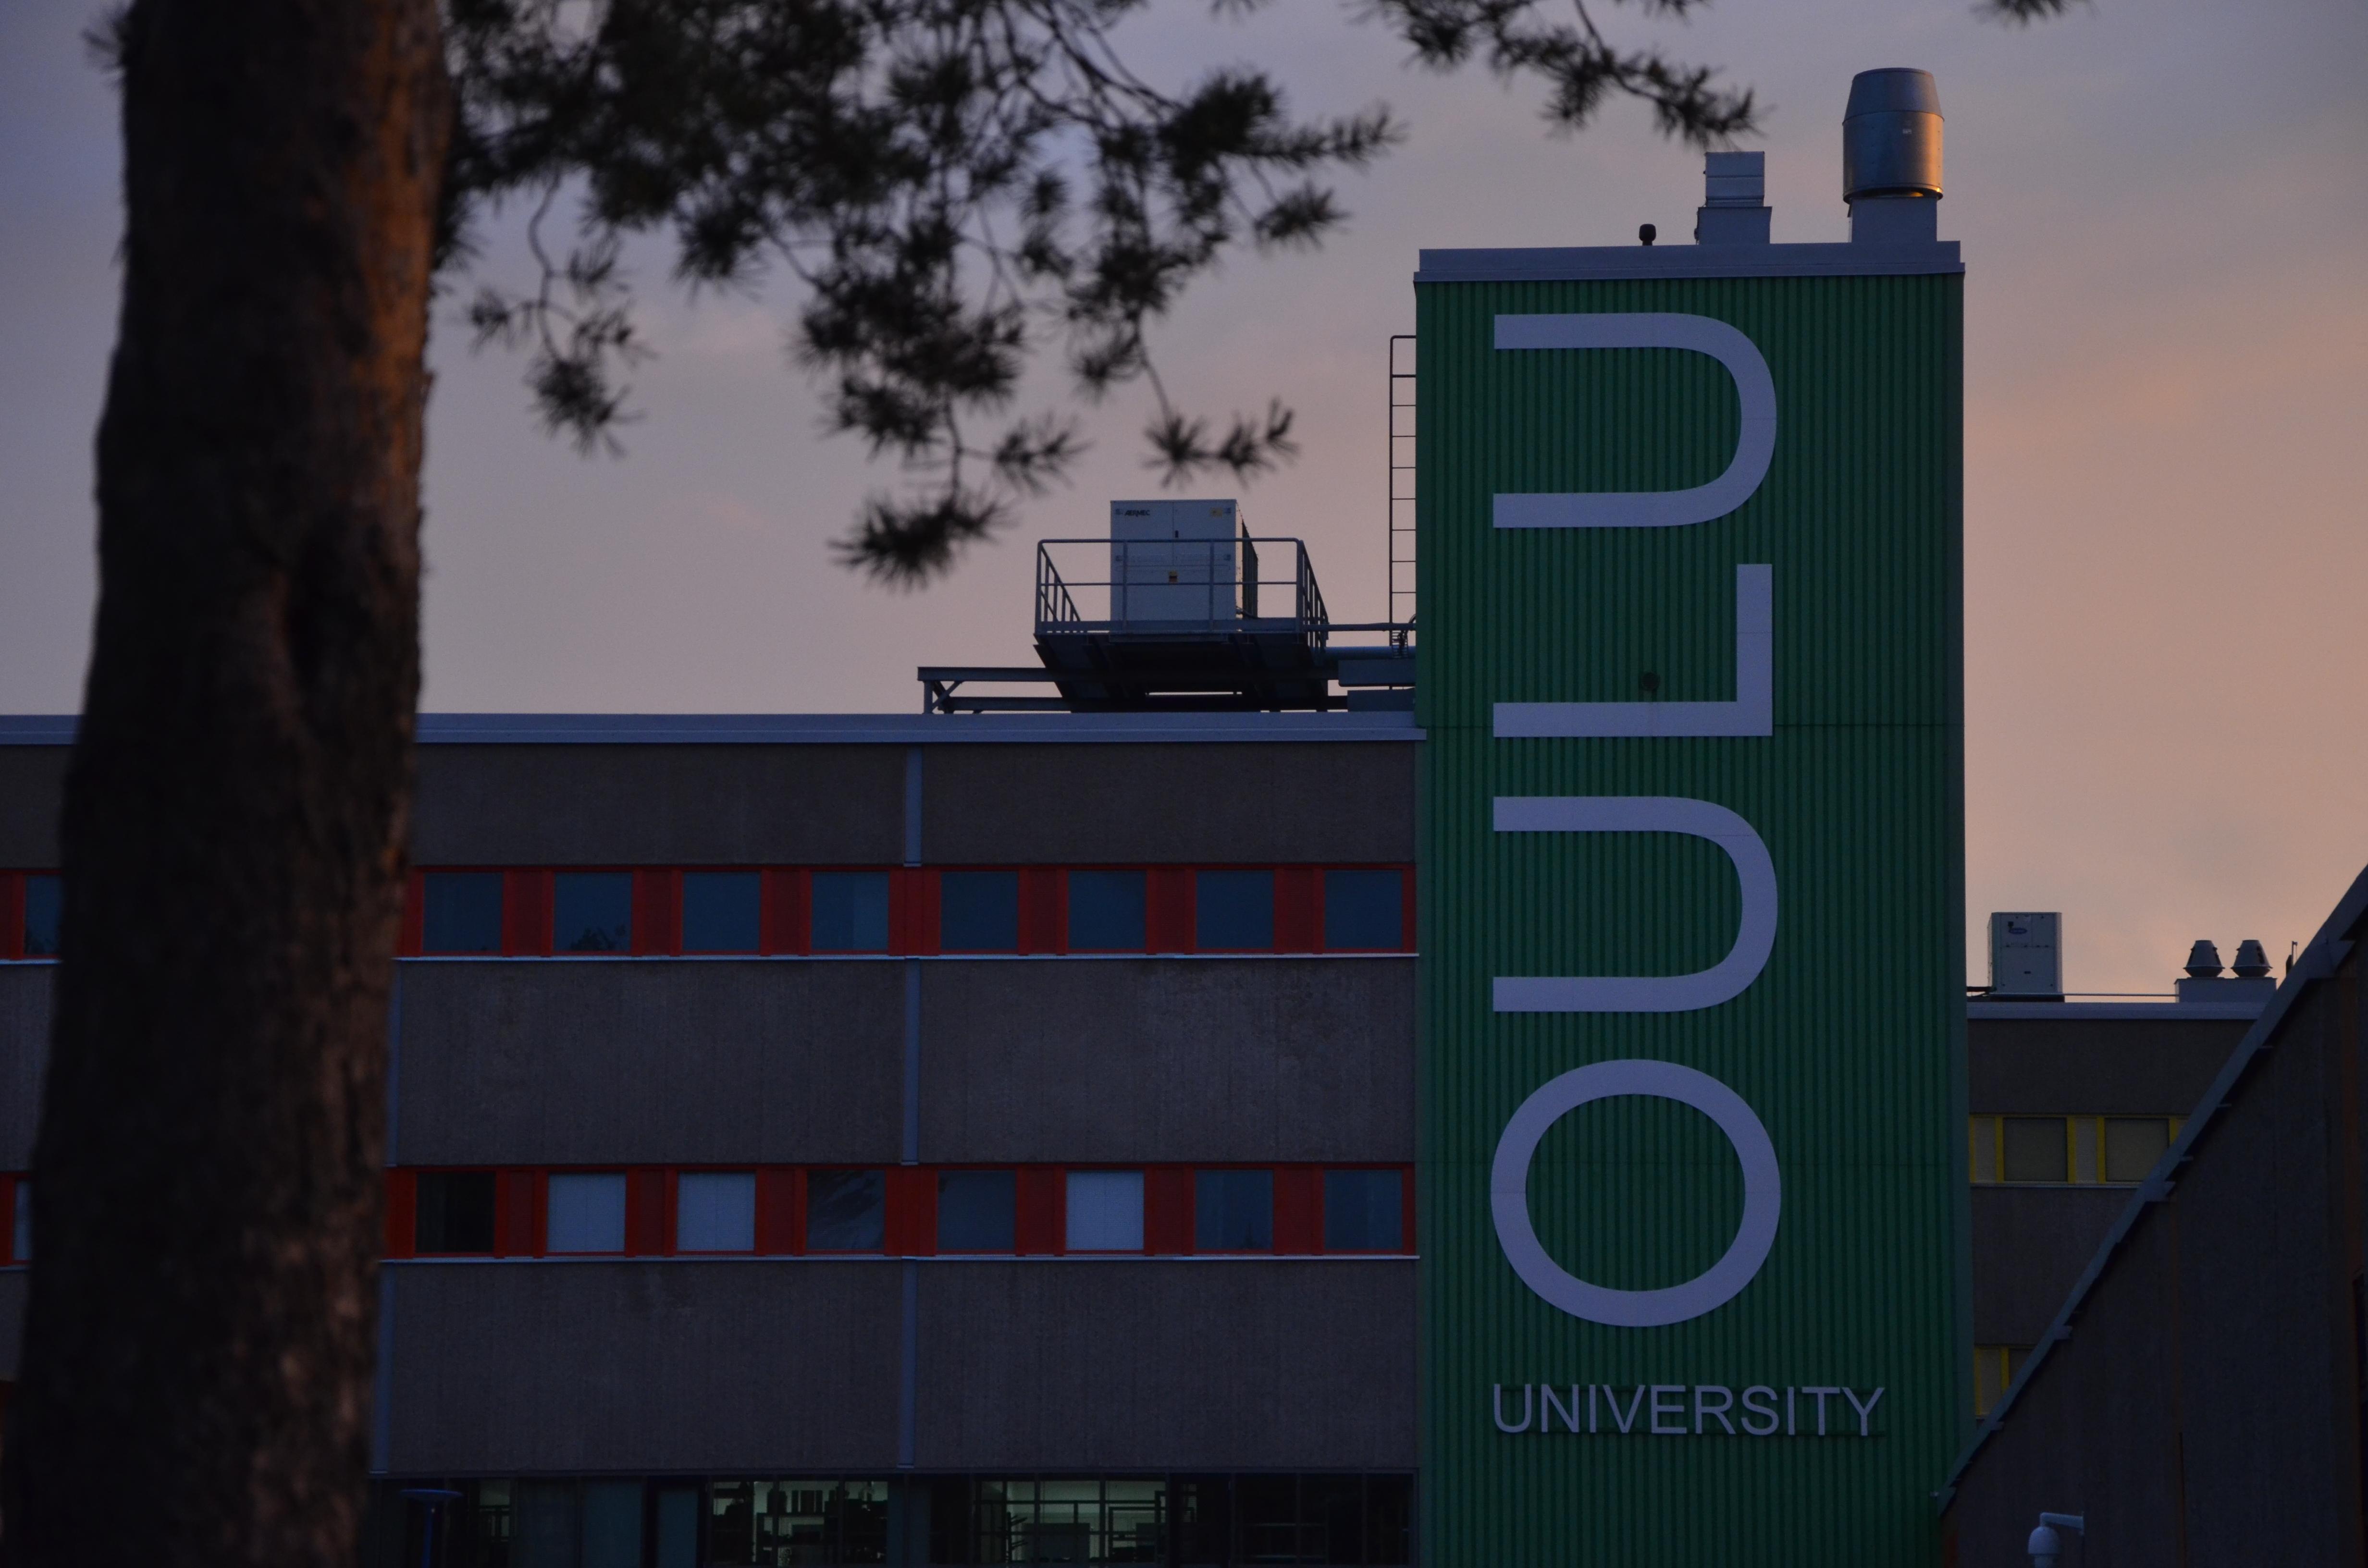 University of Oulu – Warum es sich lohnt hier zu studieren